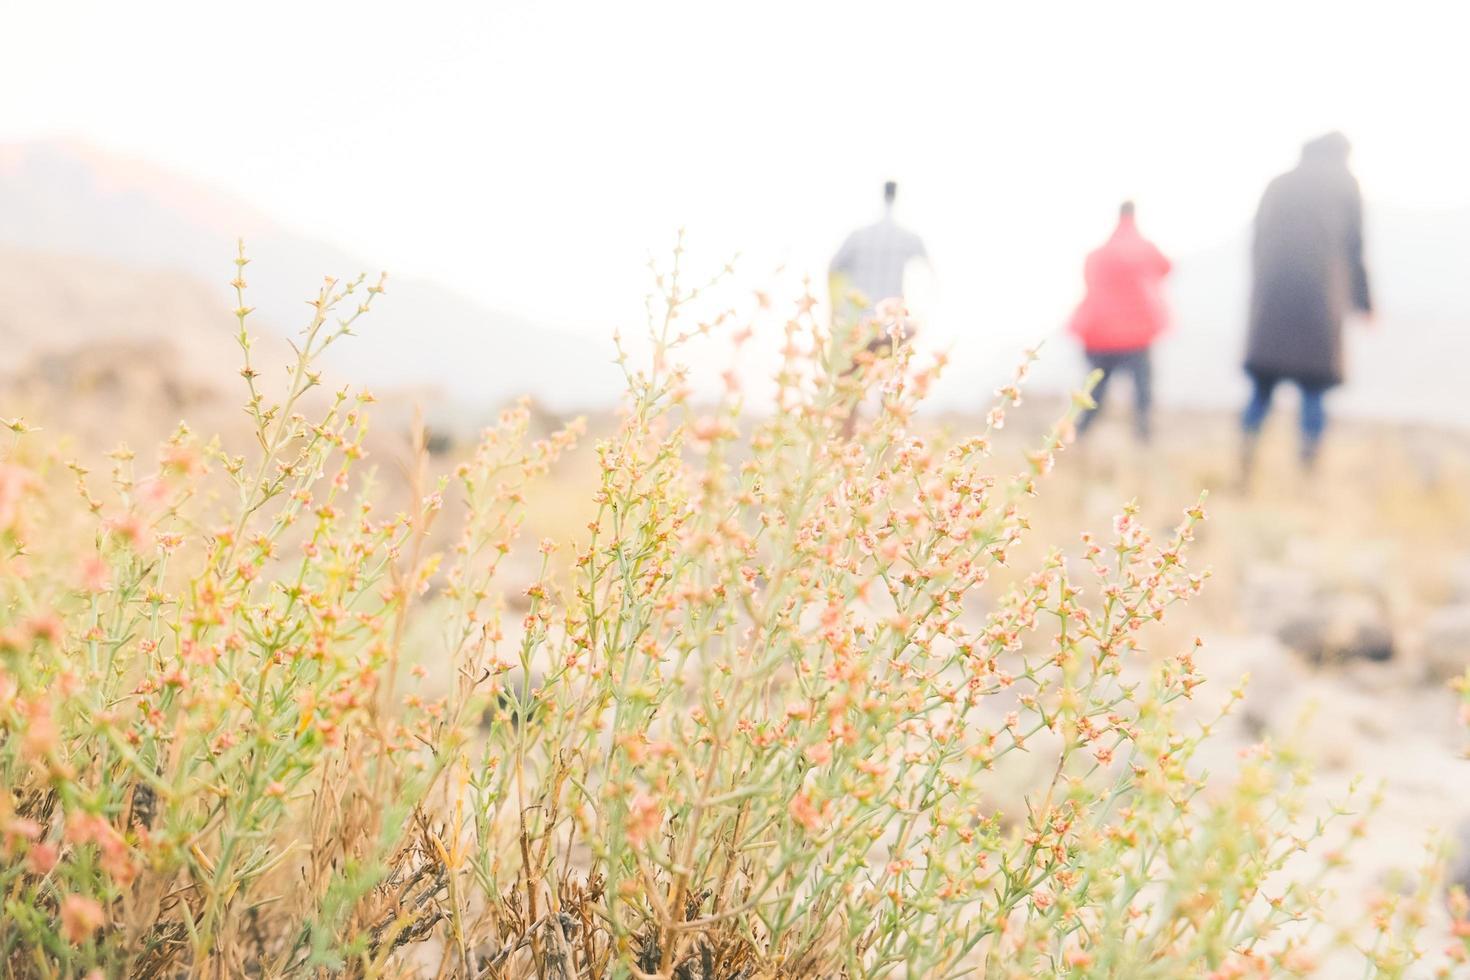 een struik van kleine wilde bloemen in de weide foto